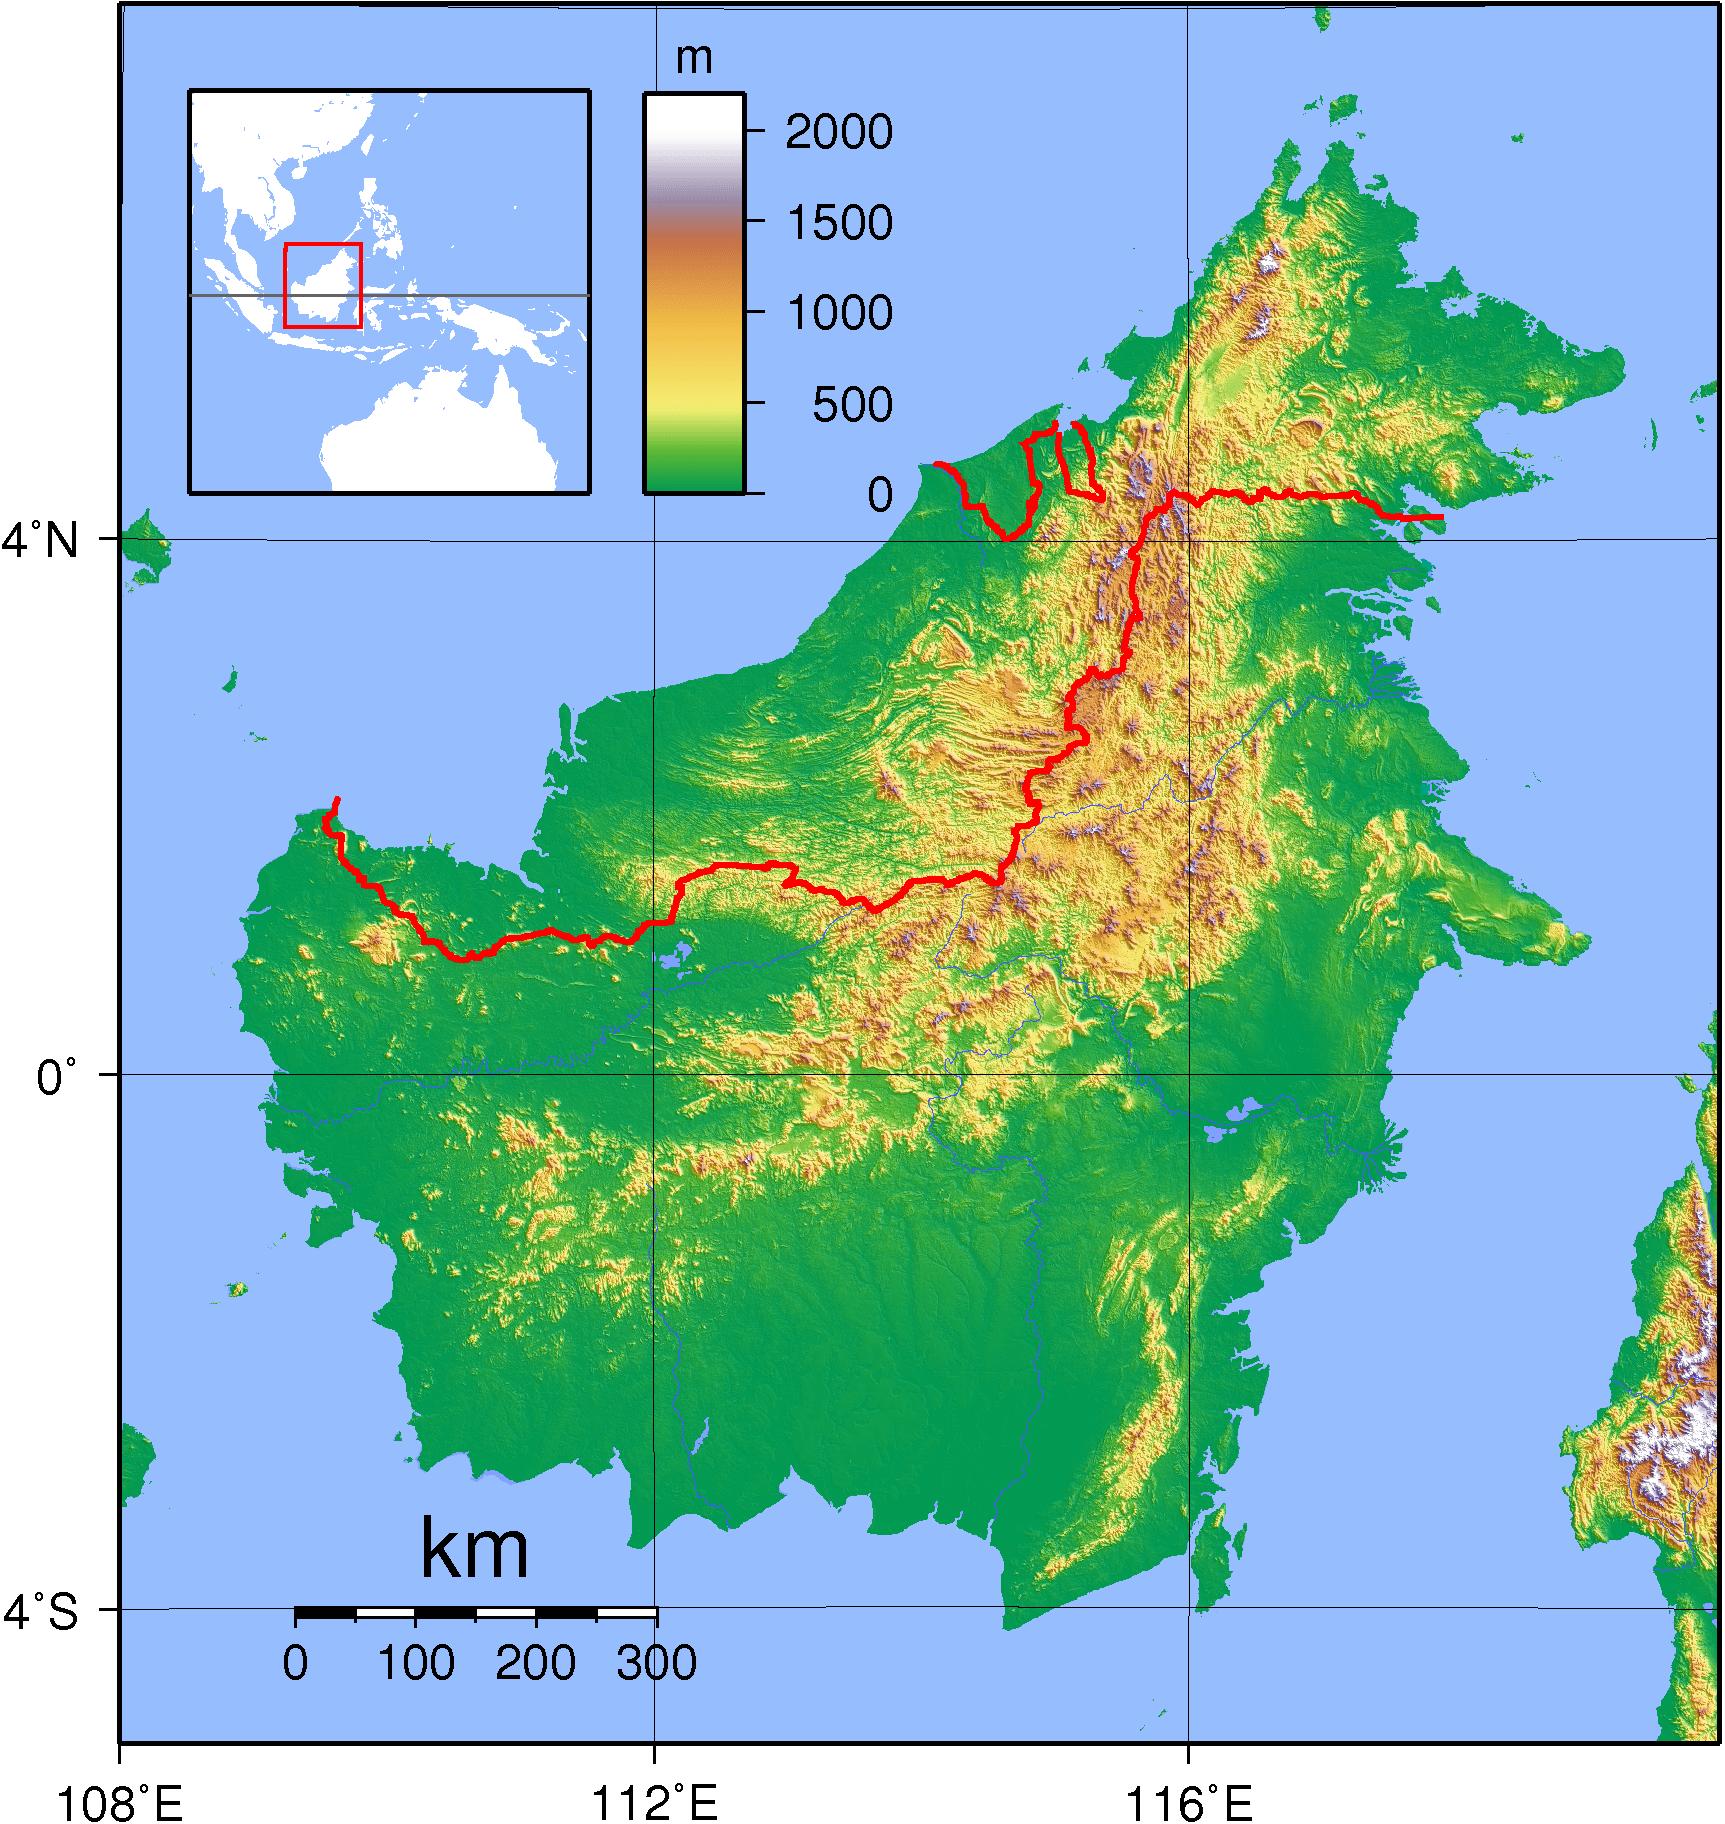 borneo_topography-8525434